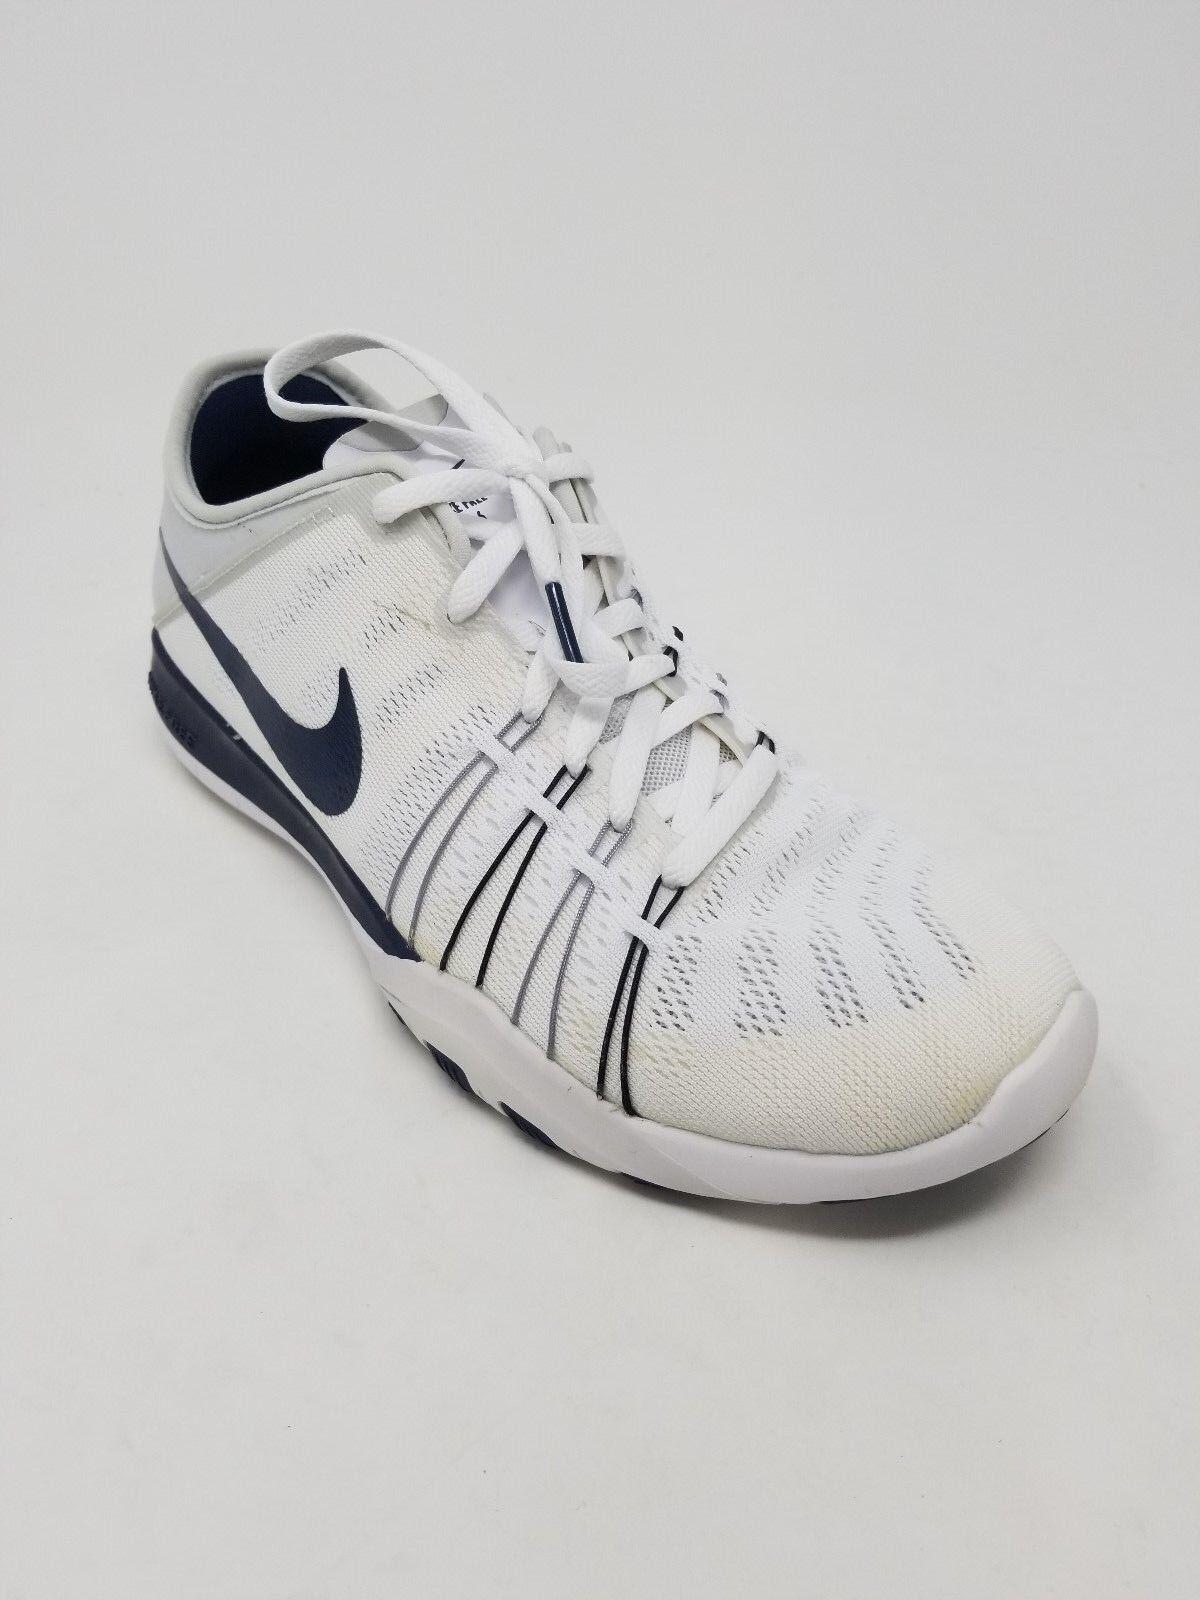 665 Nike Donna Tr Marina 6 Scarpa, Bianco / Mezzanotte Marina Tr / Di Puro Platino, 8 M 02de71